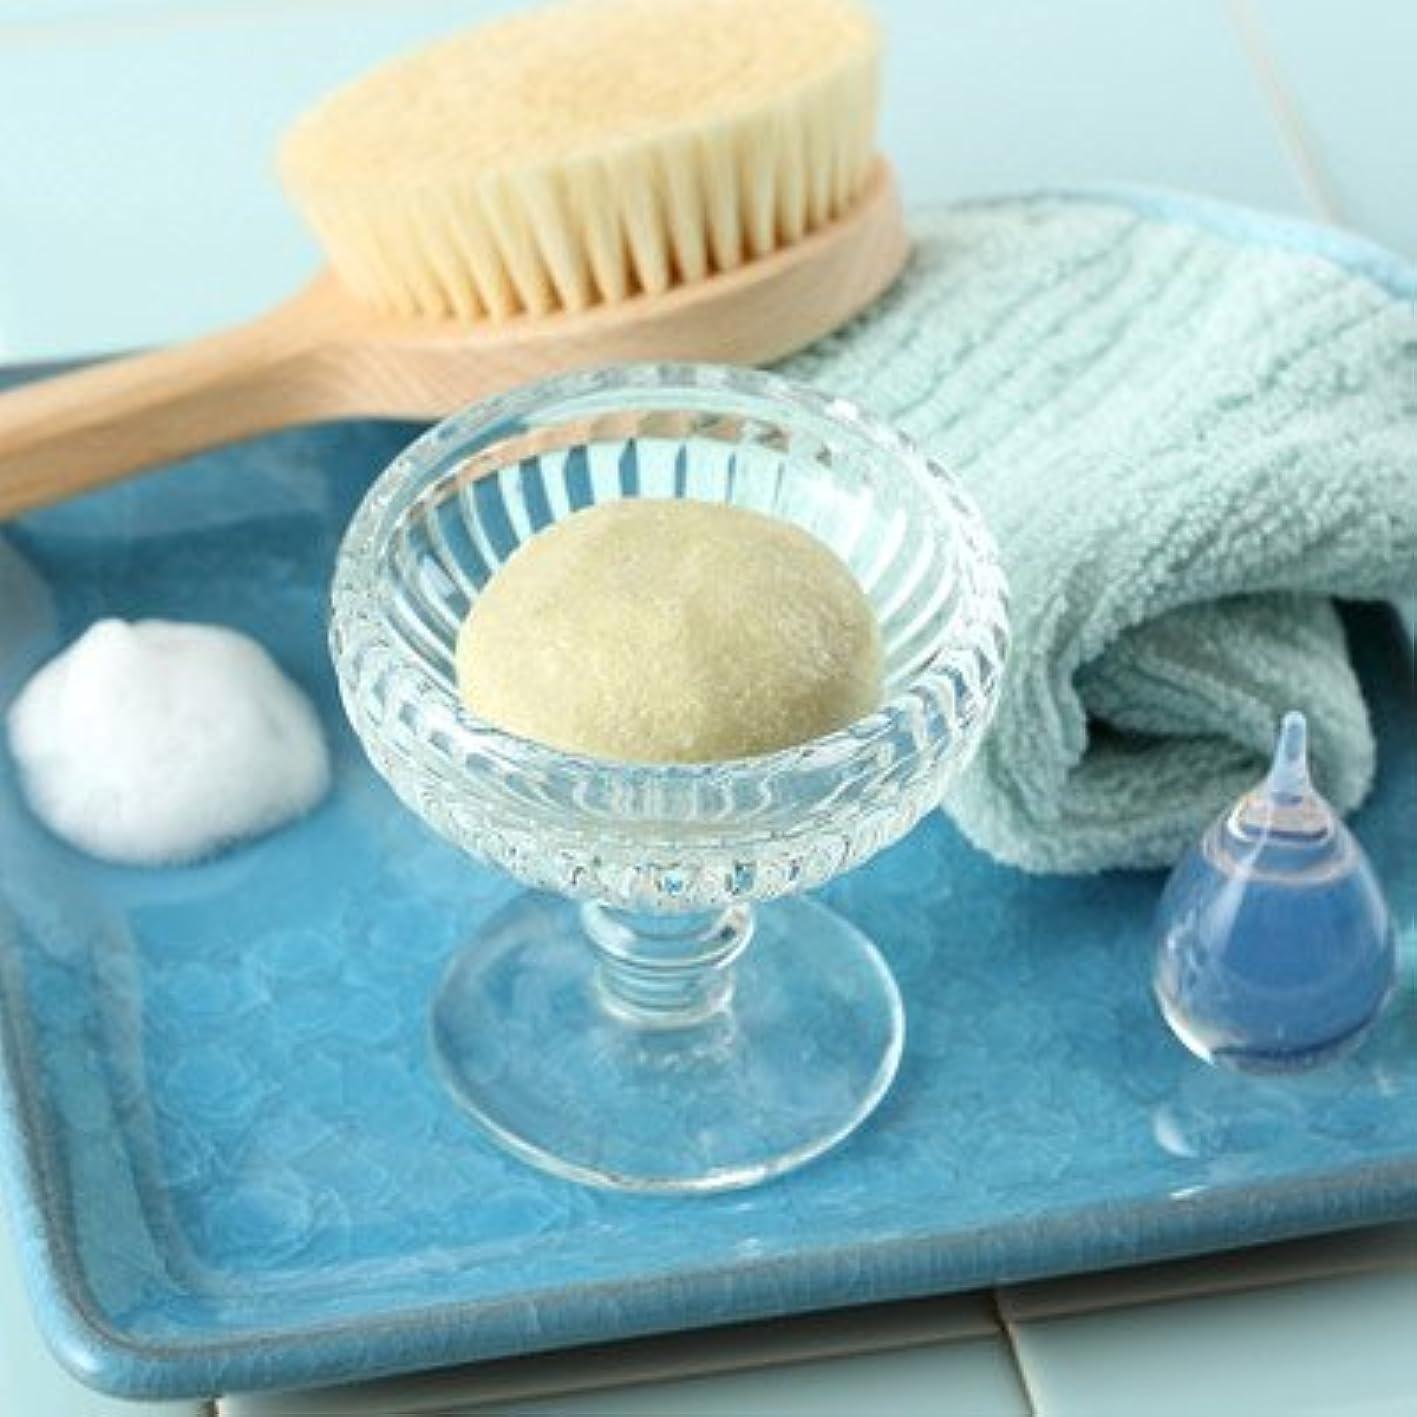 シェルルアーミケランジェロ敏感肌の方にも安心してお使いいただける石鹸 玉川小町「シルクと白樺の無添加手練り石けん(極)80g」